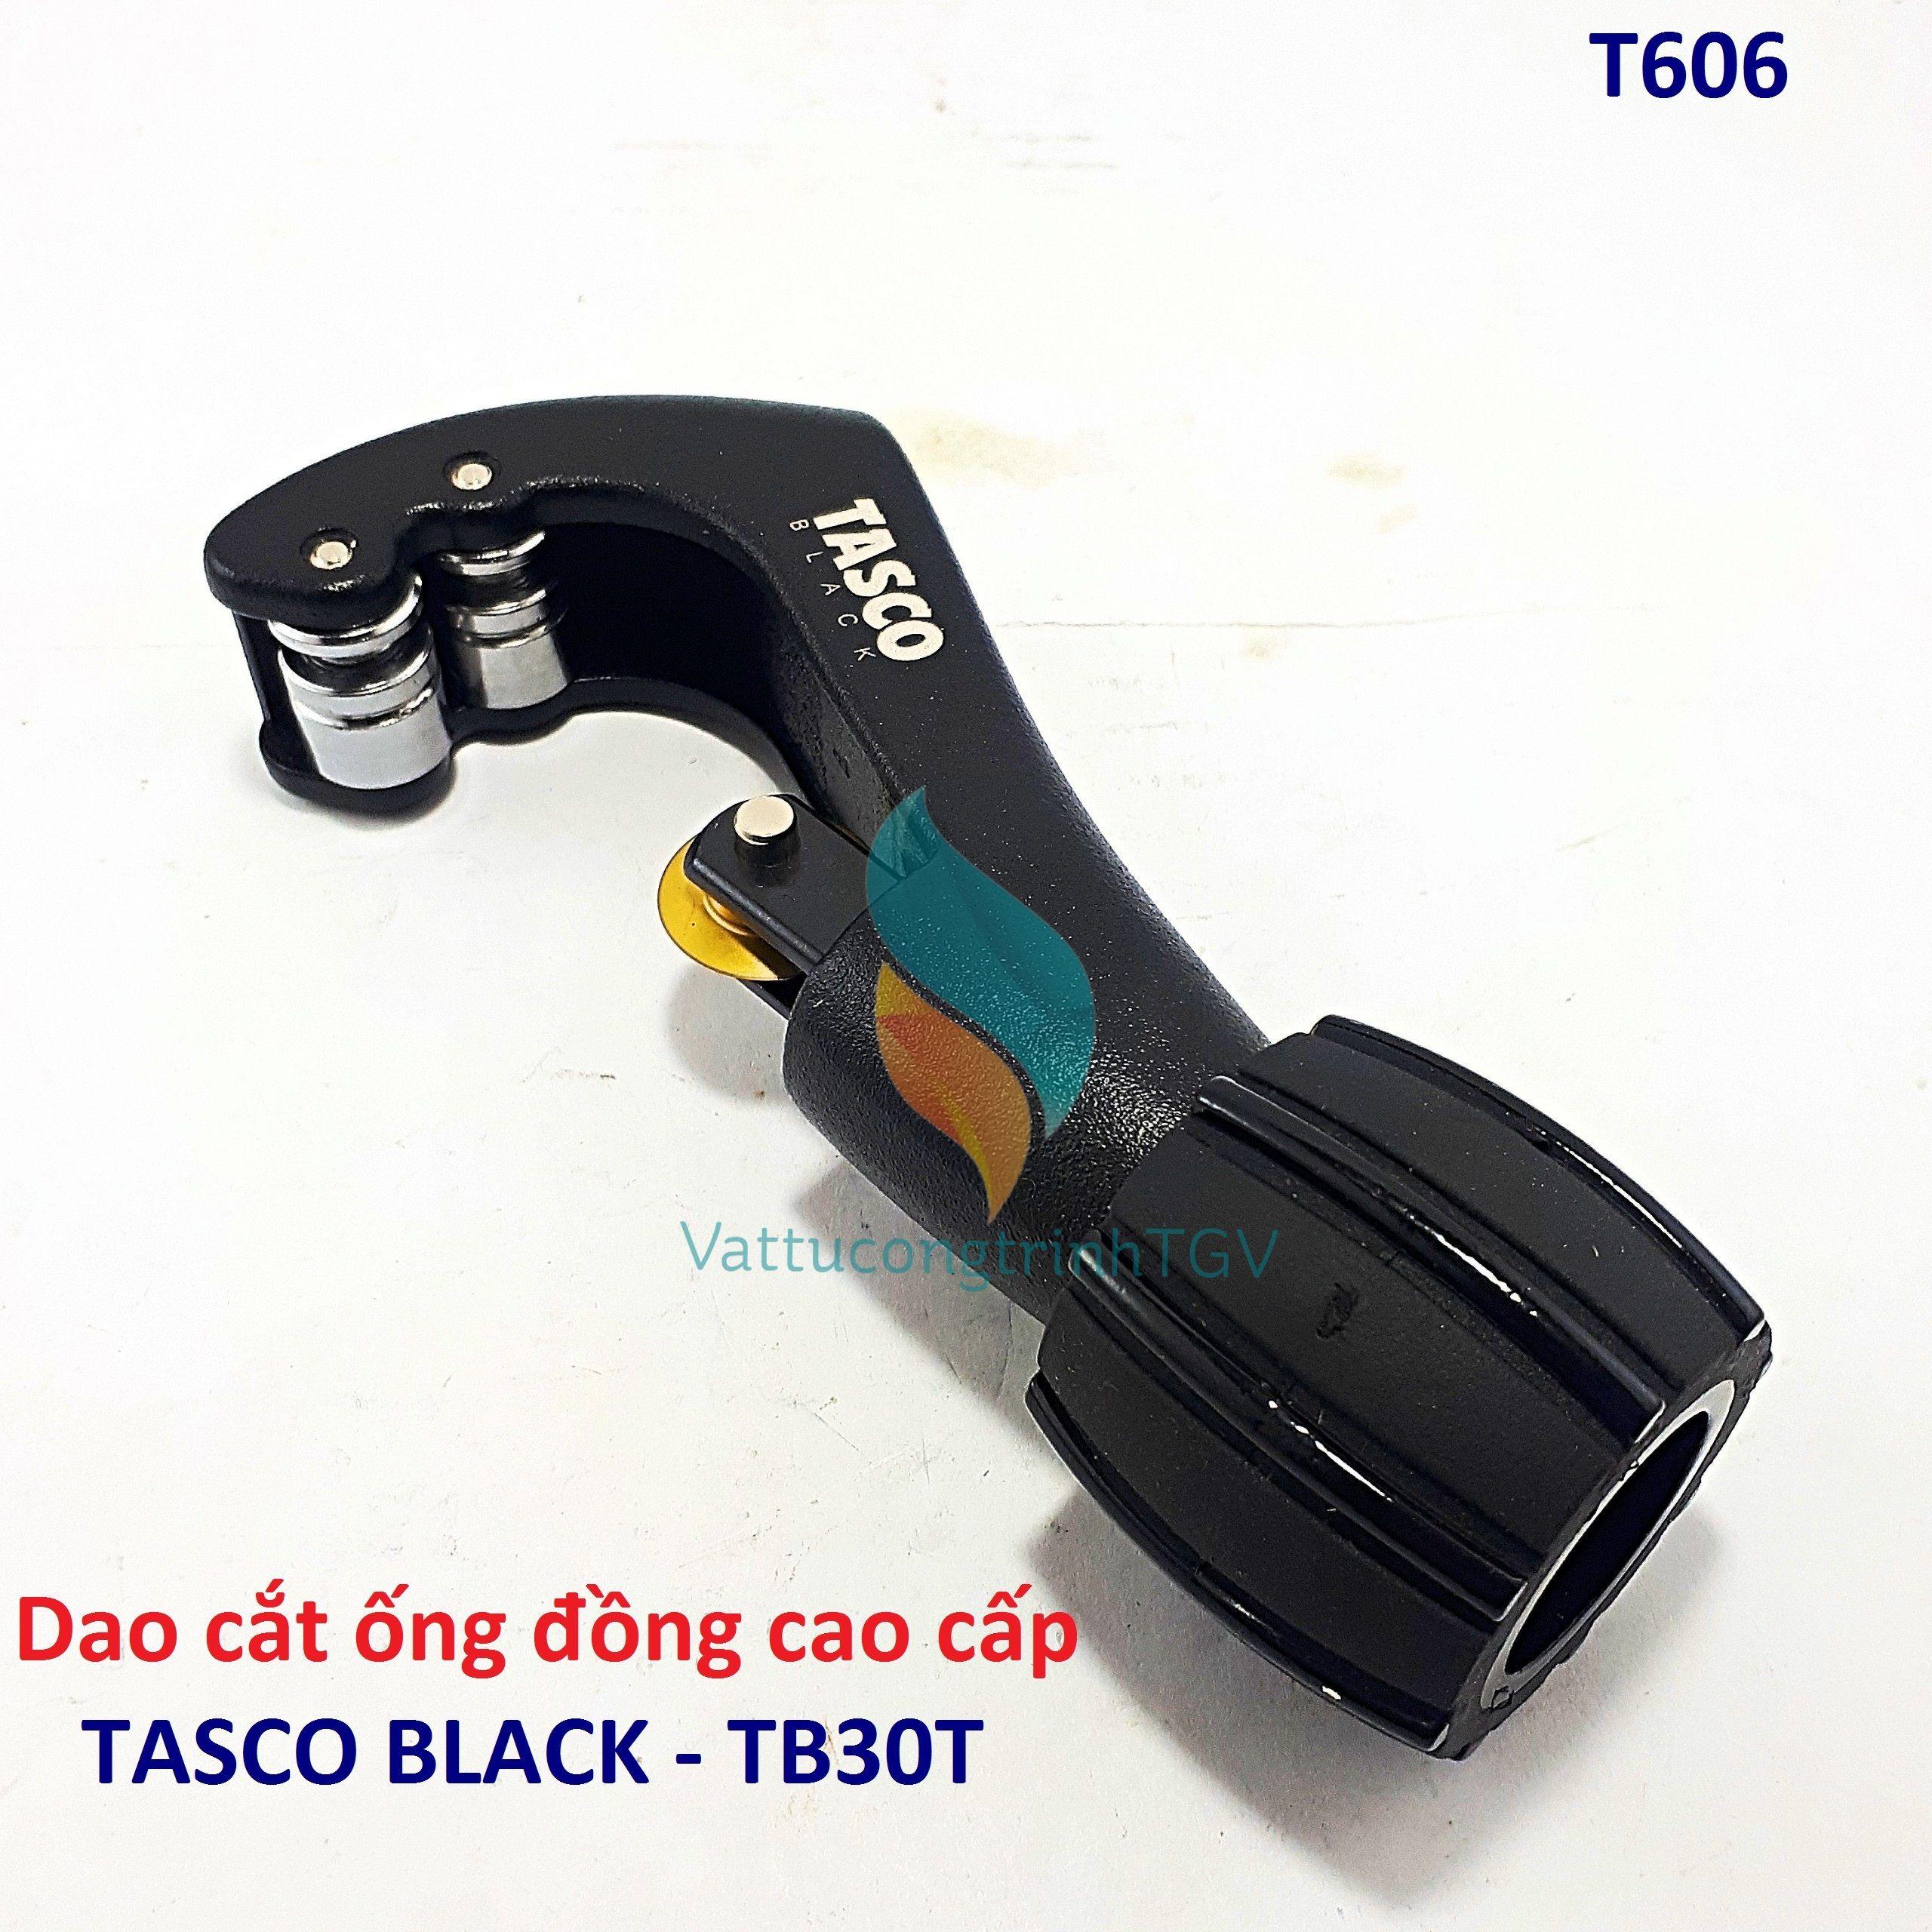 Dao cắt ống đồng cao cấp TASCO TB30T